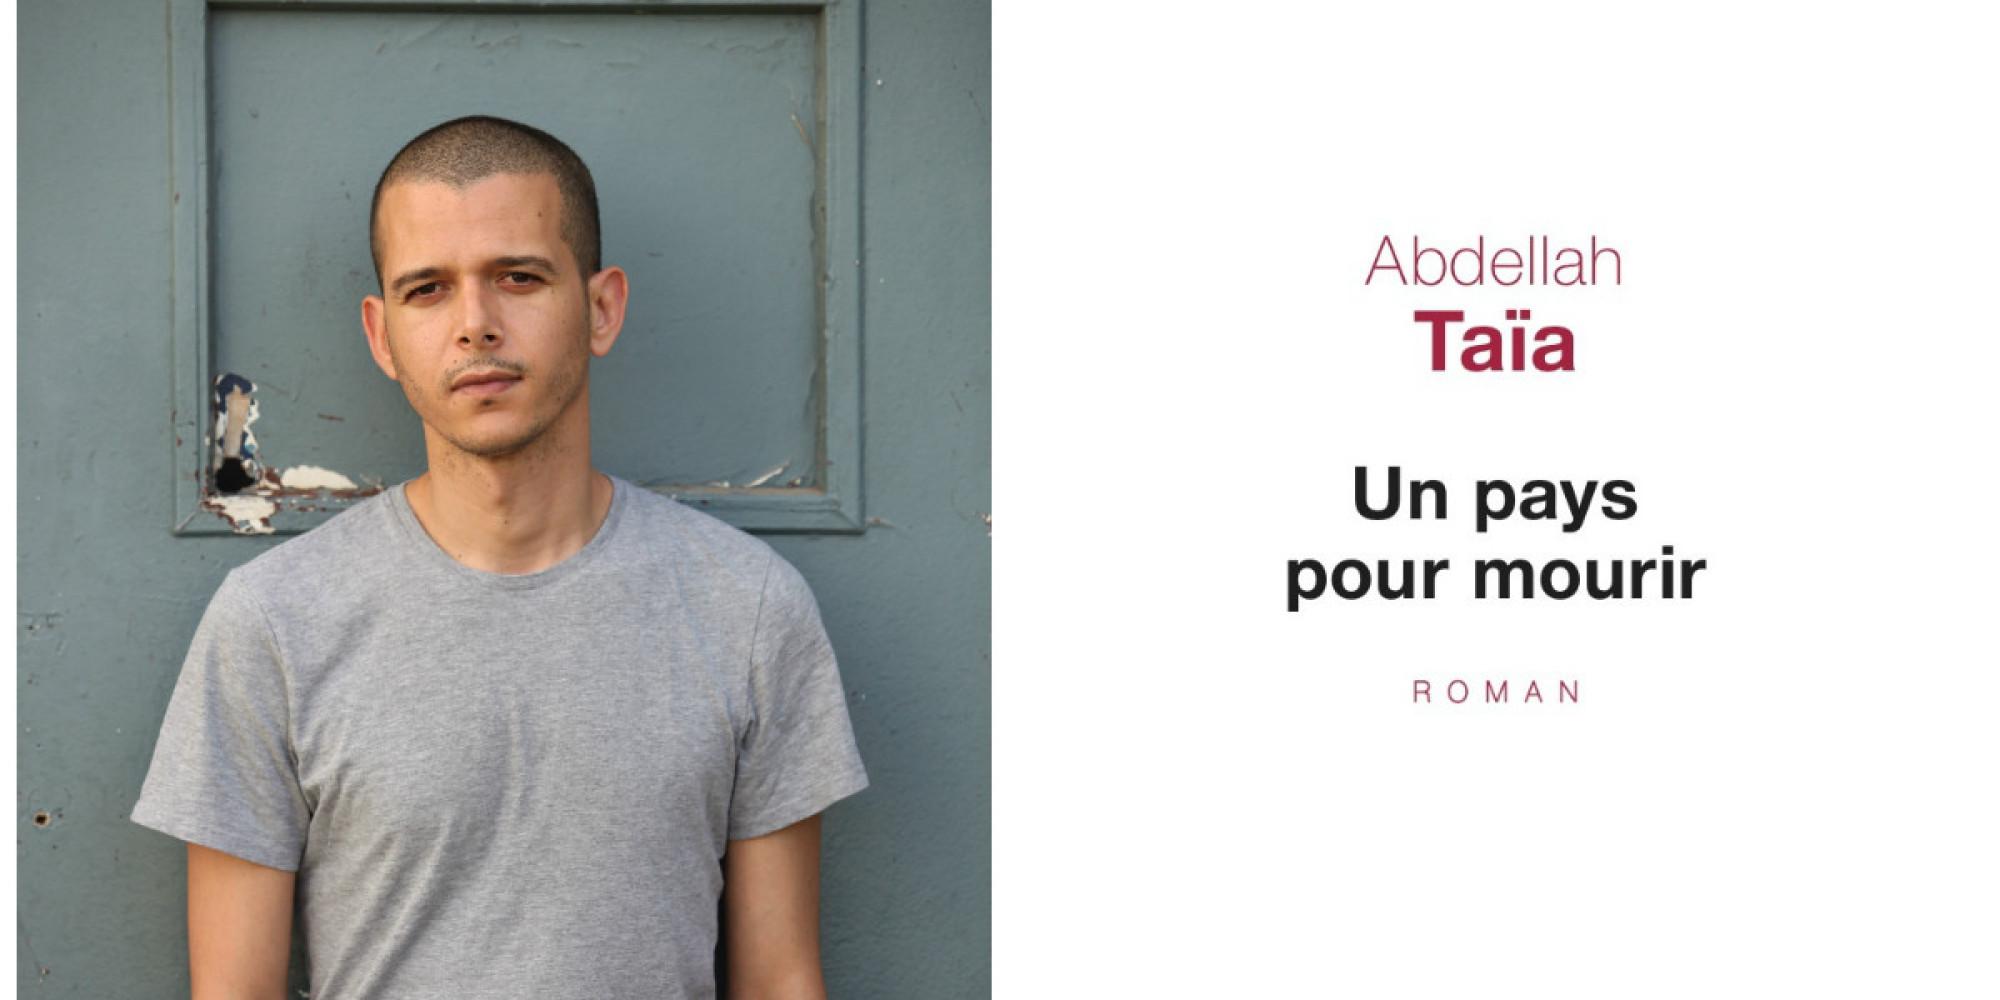 Un pays pour mourir de Abdellah Taïa